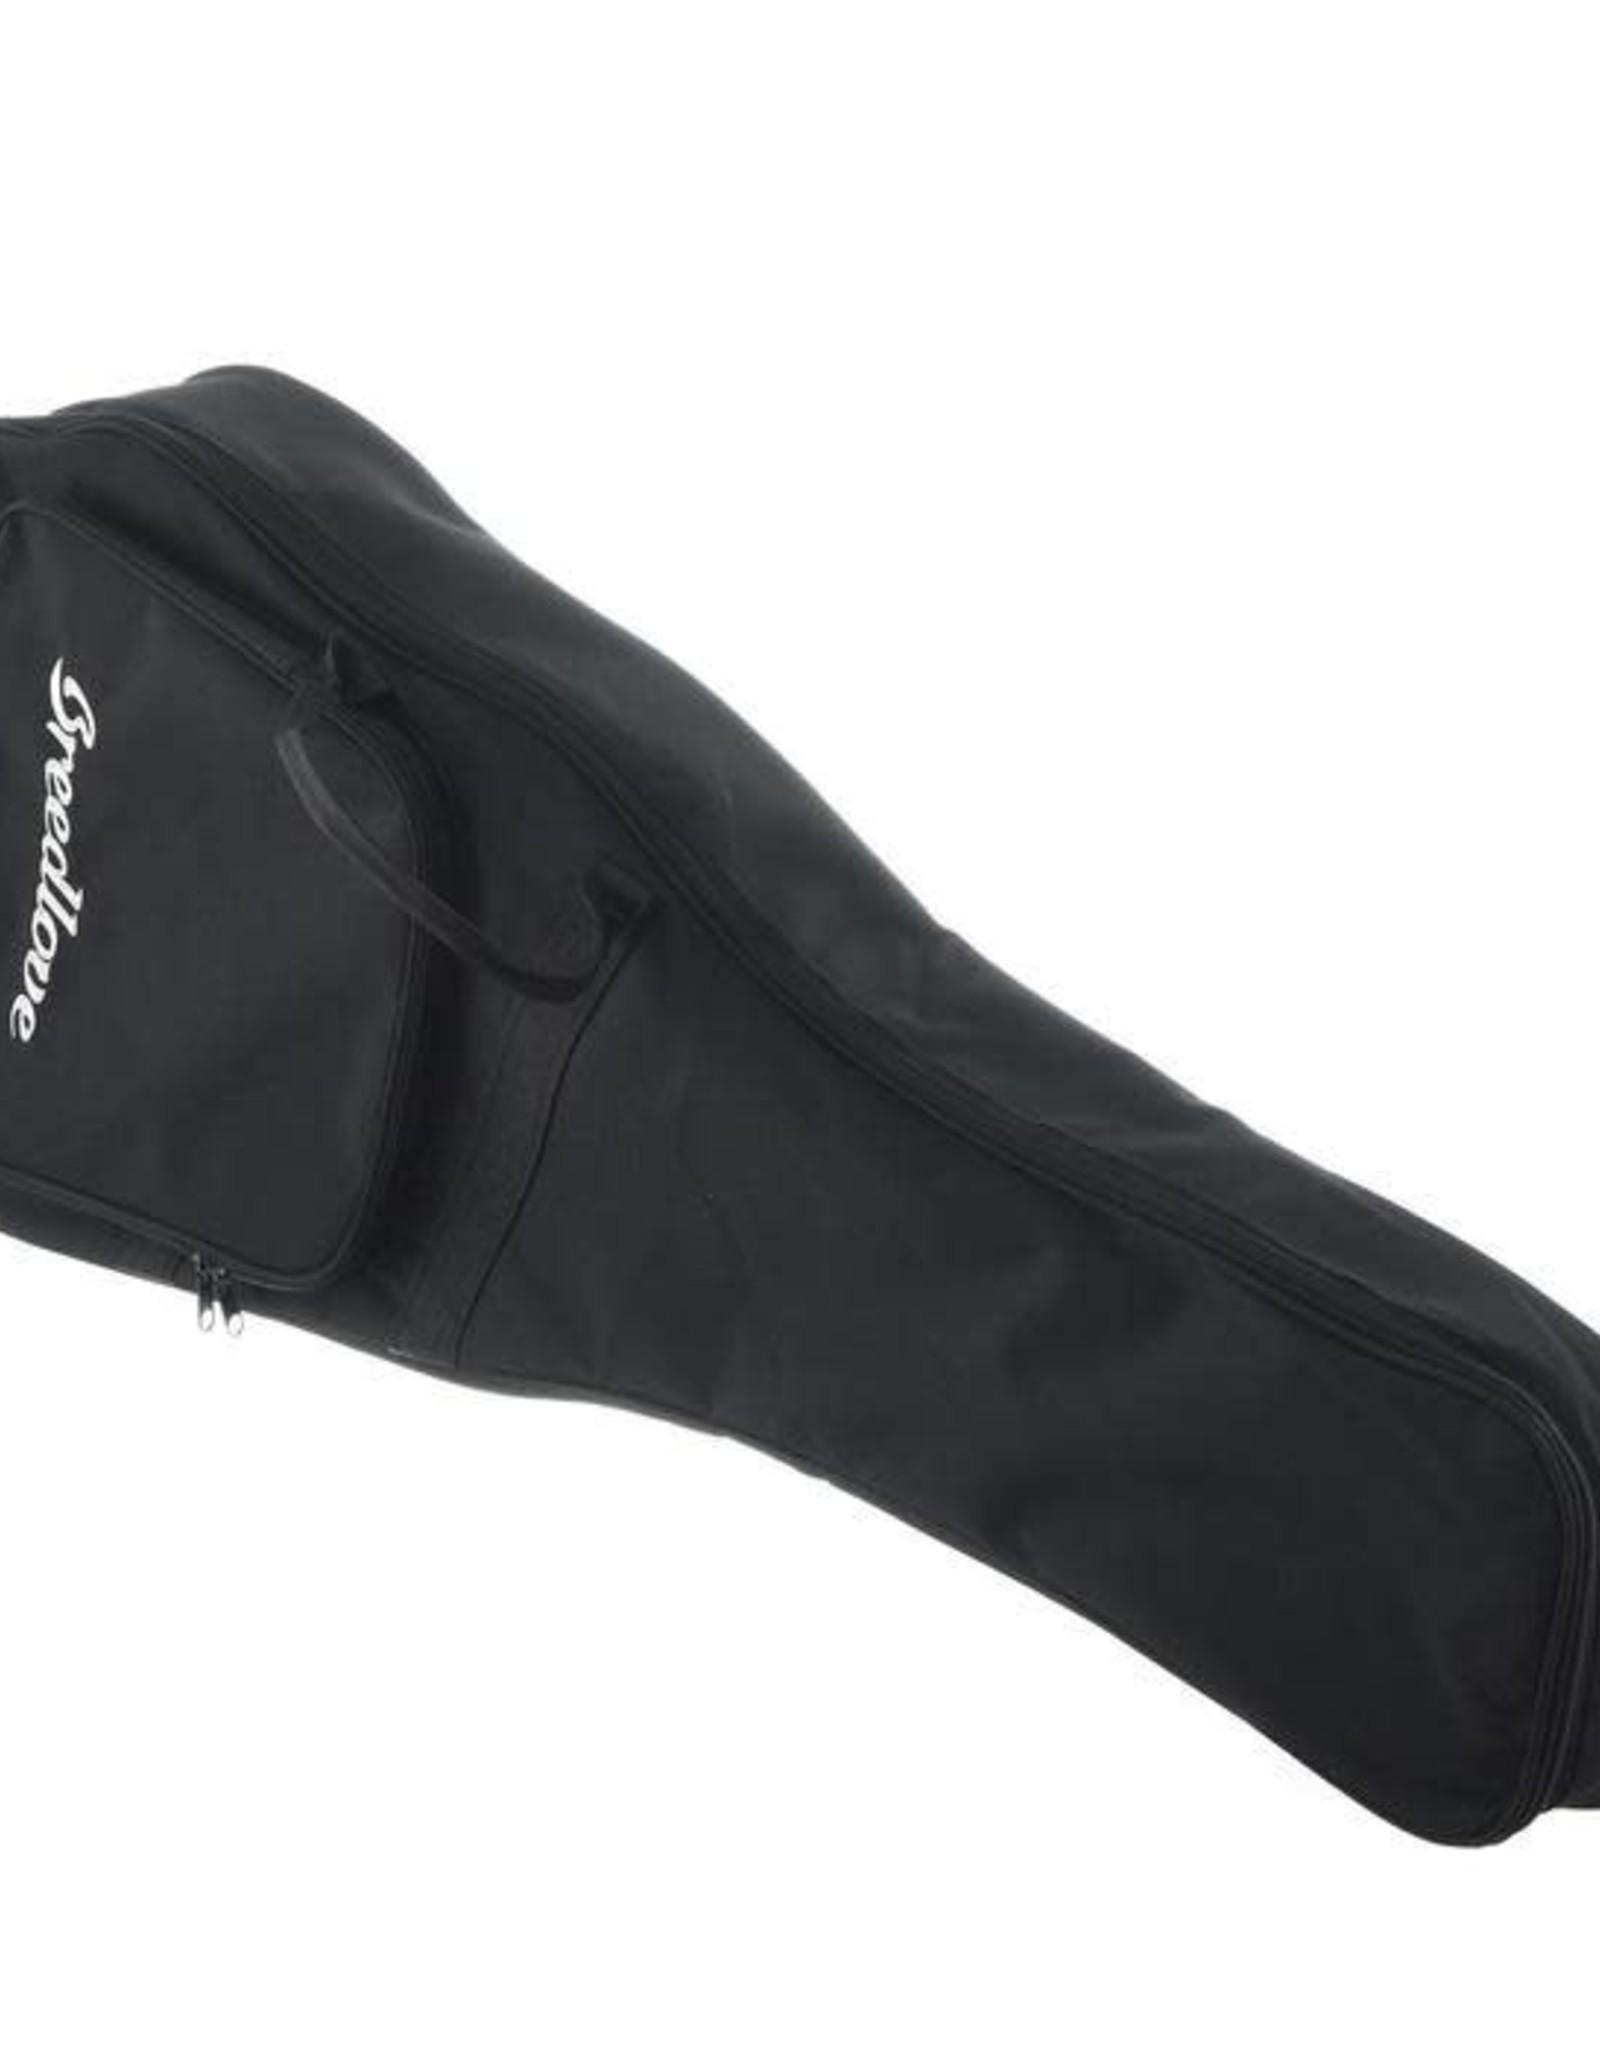 Breedlove Breedlove Gigbag, Parlor Size, New Logo